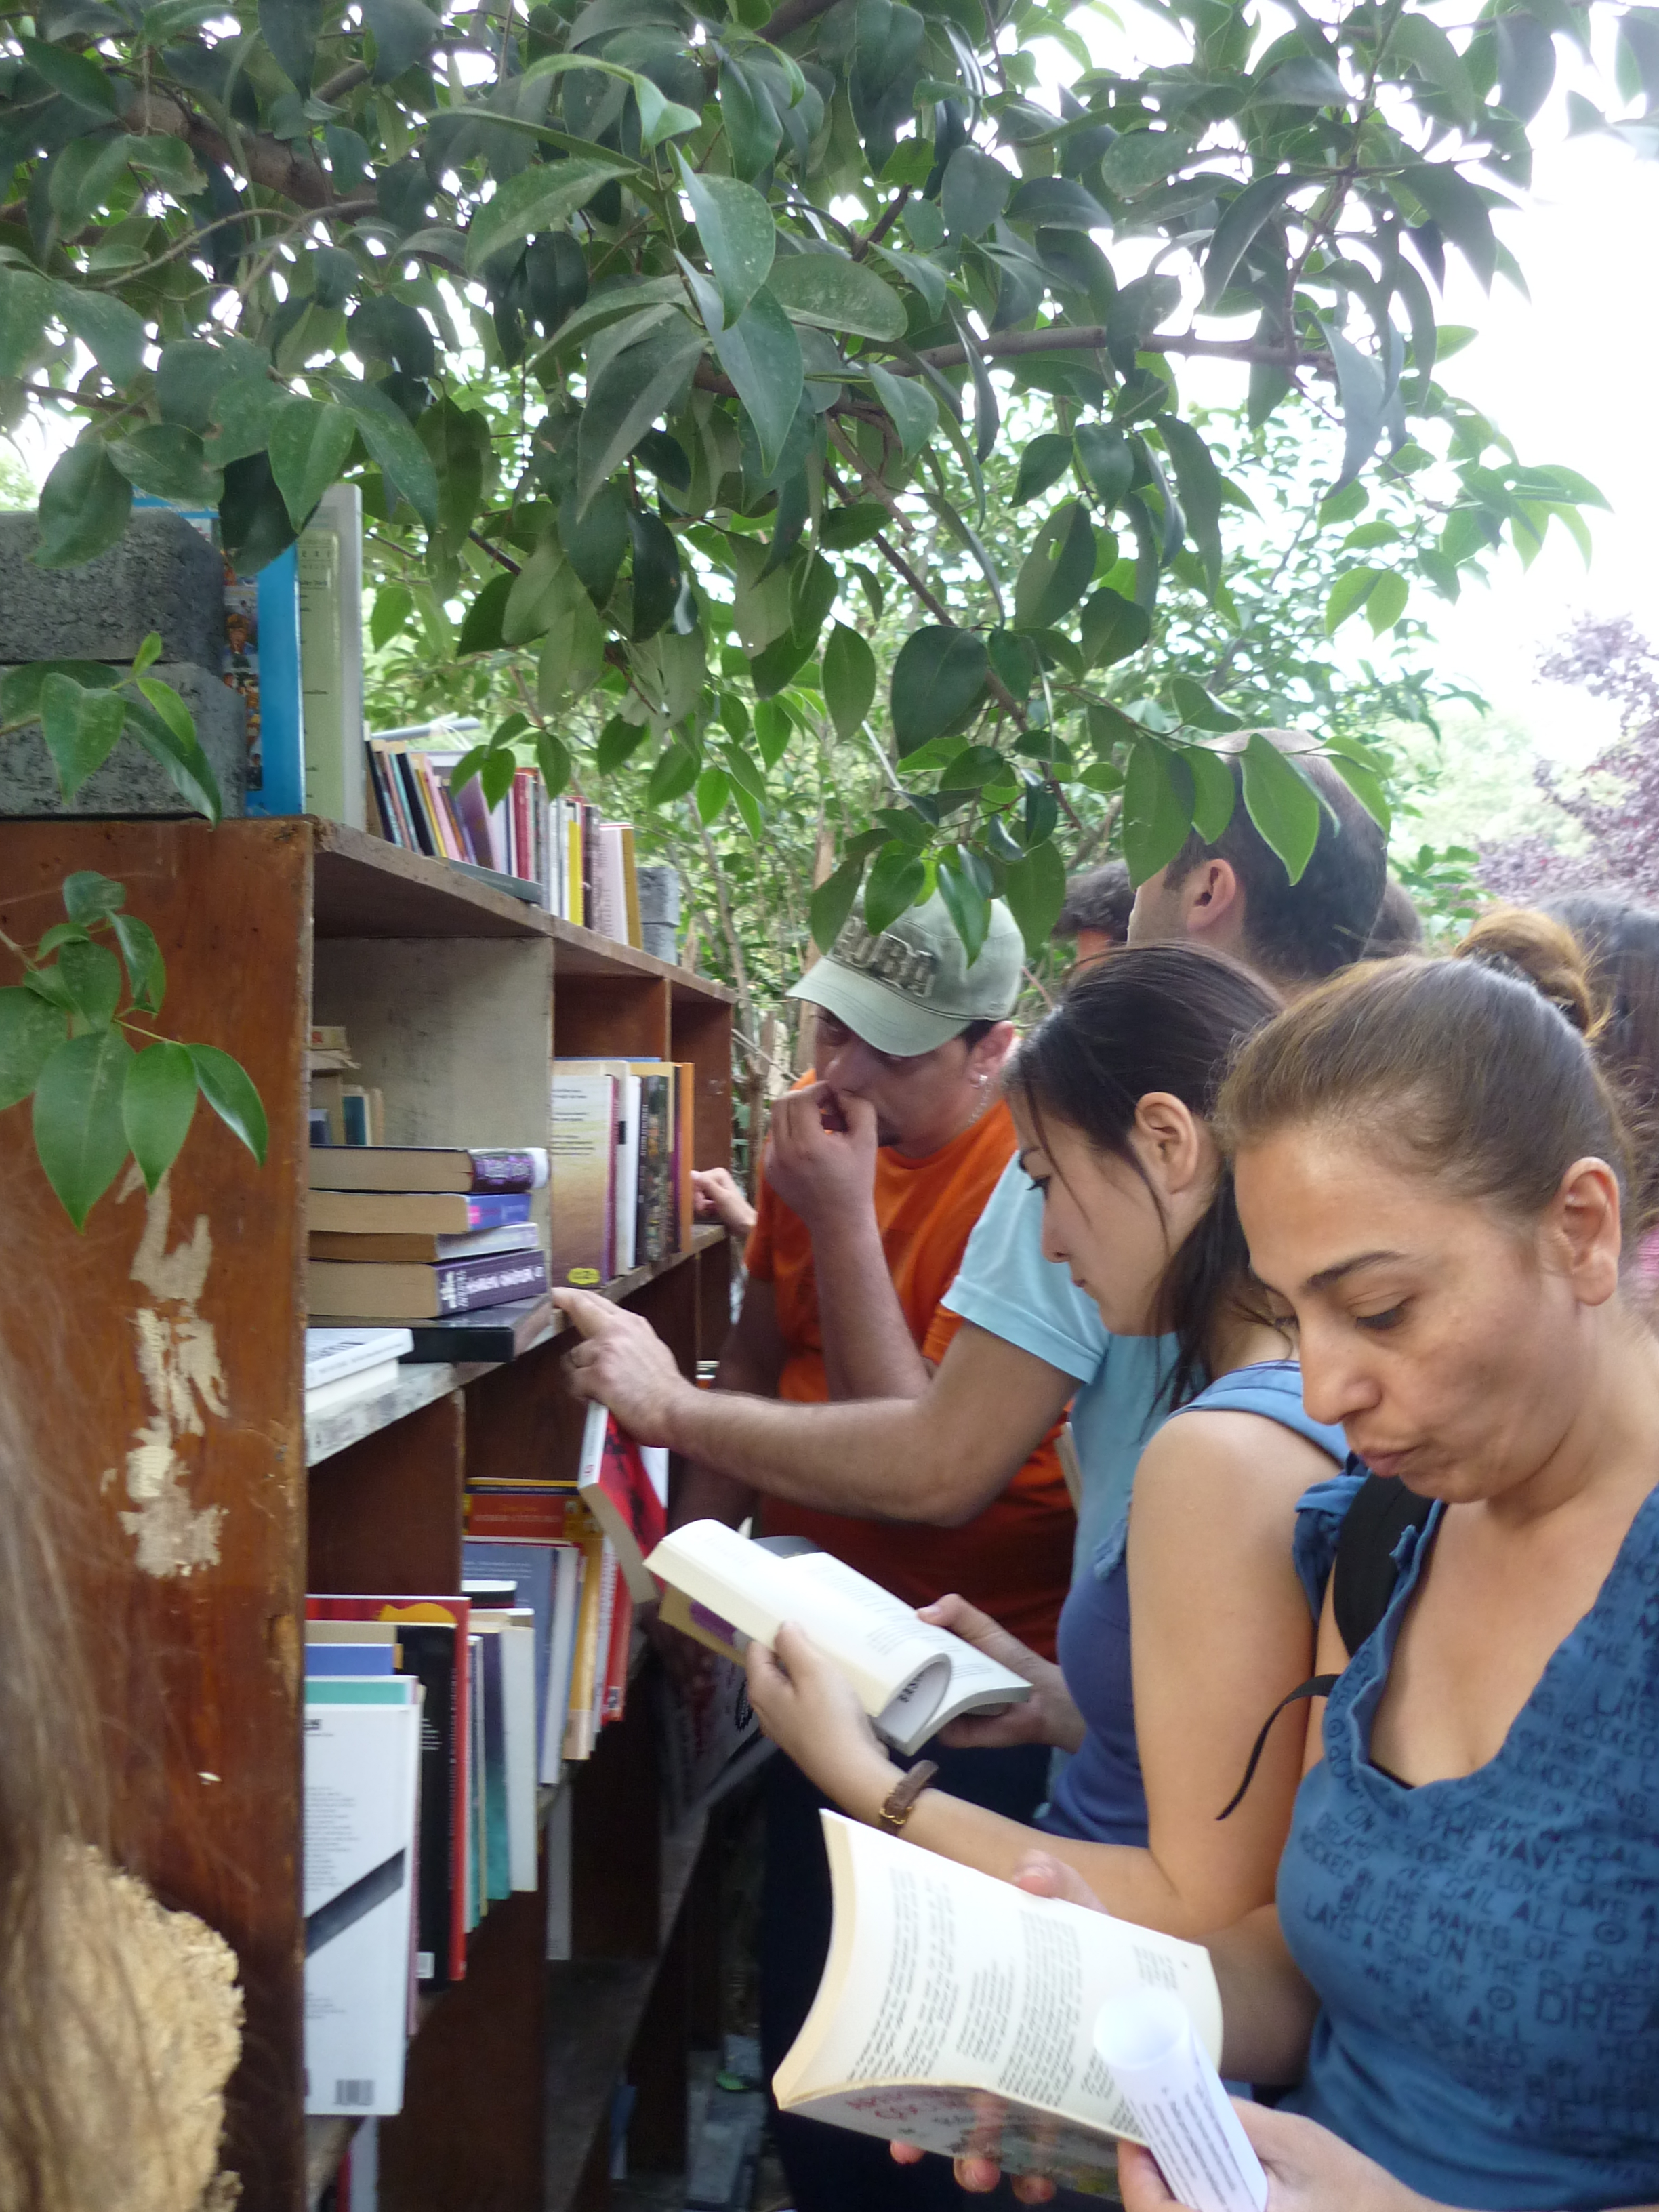 Het Gezi-park in Taksim als weggeefboekhandel